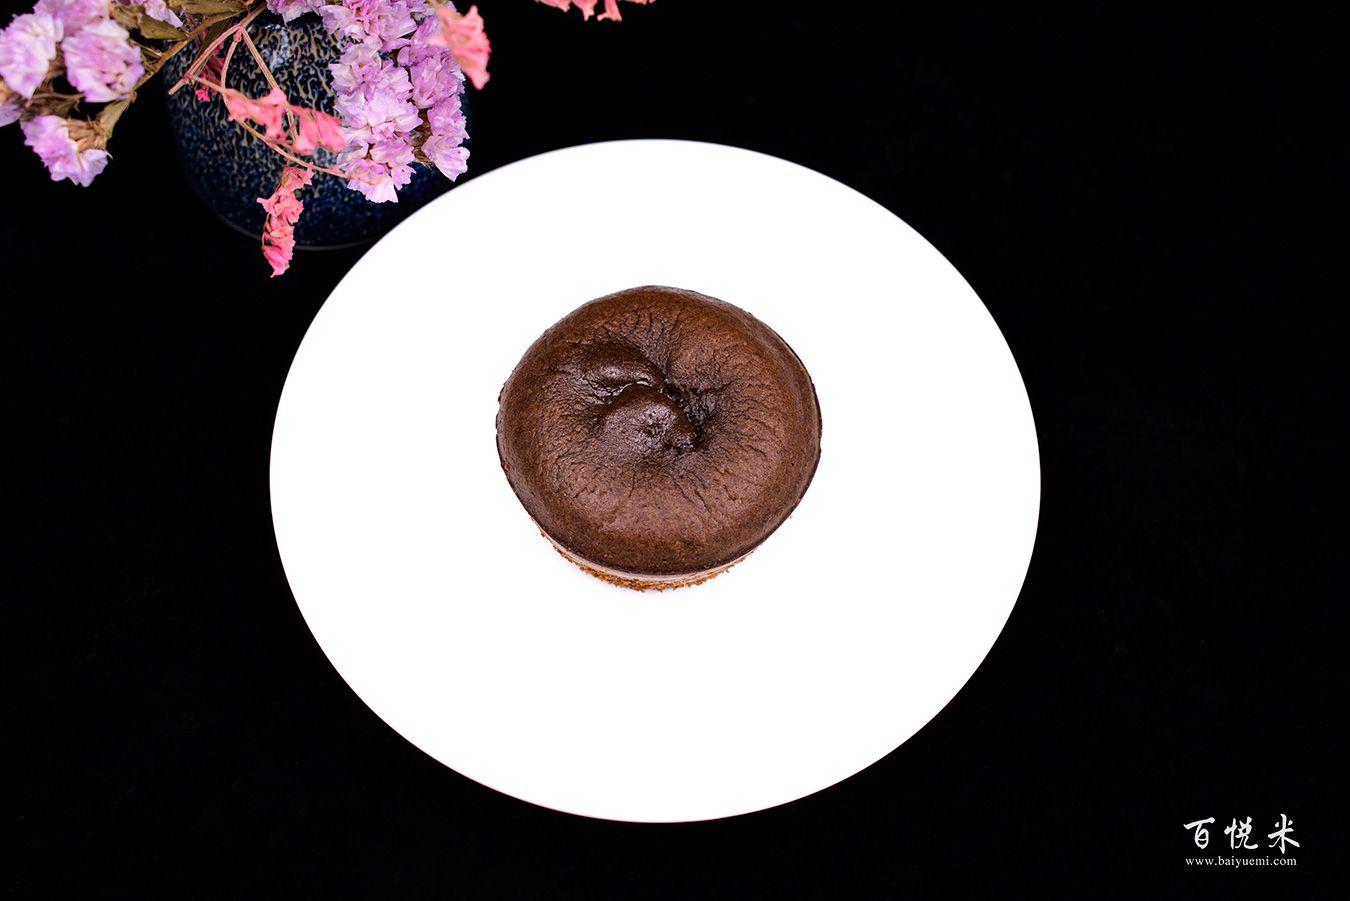 巧克力熔岩蛋糕高清图片大全【蛋糕图片】_837